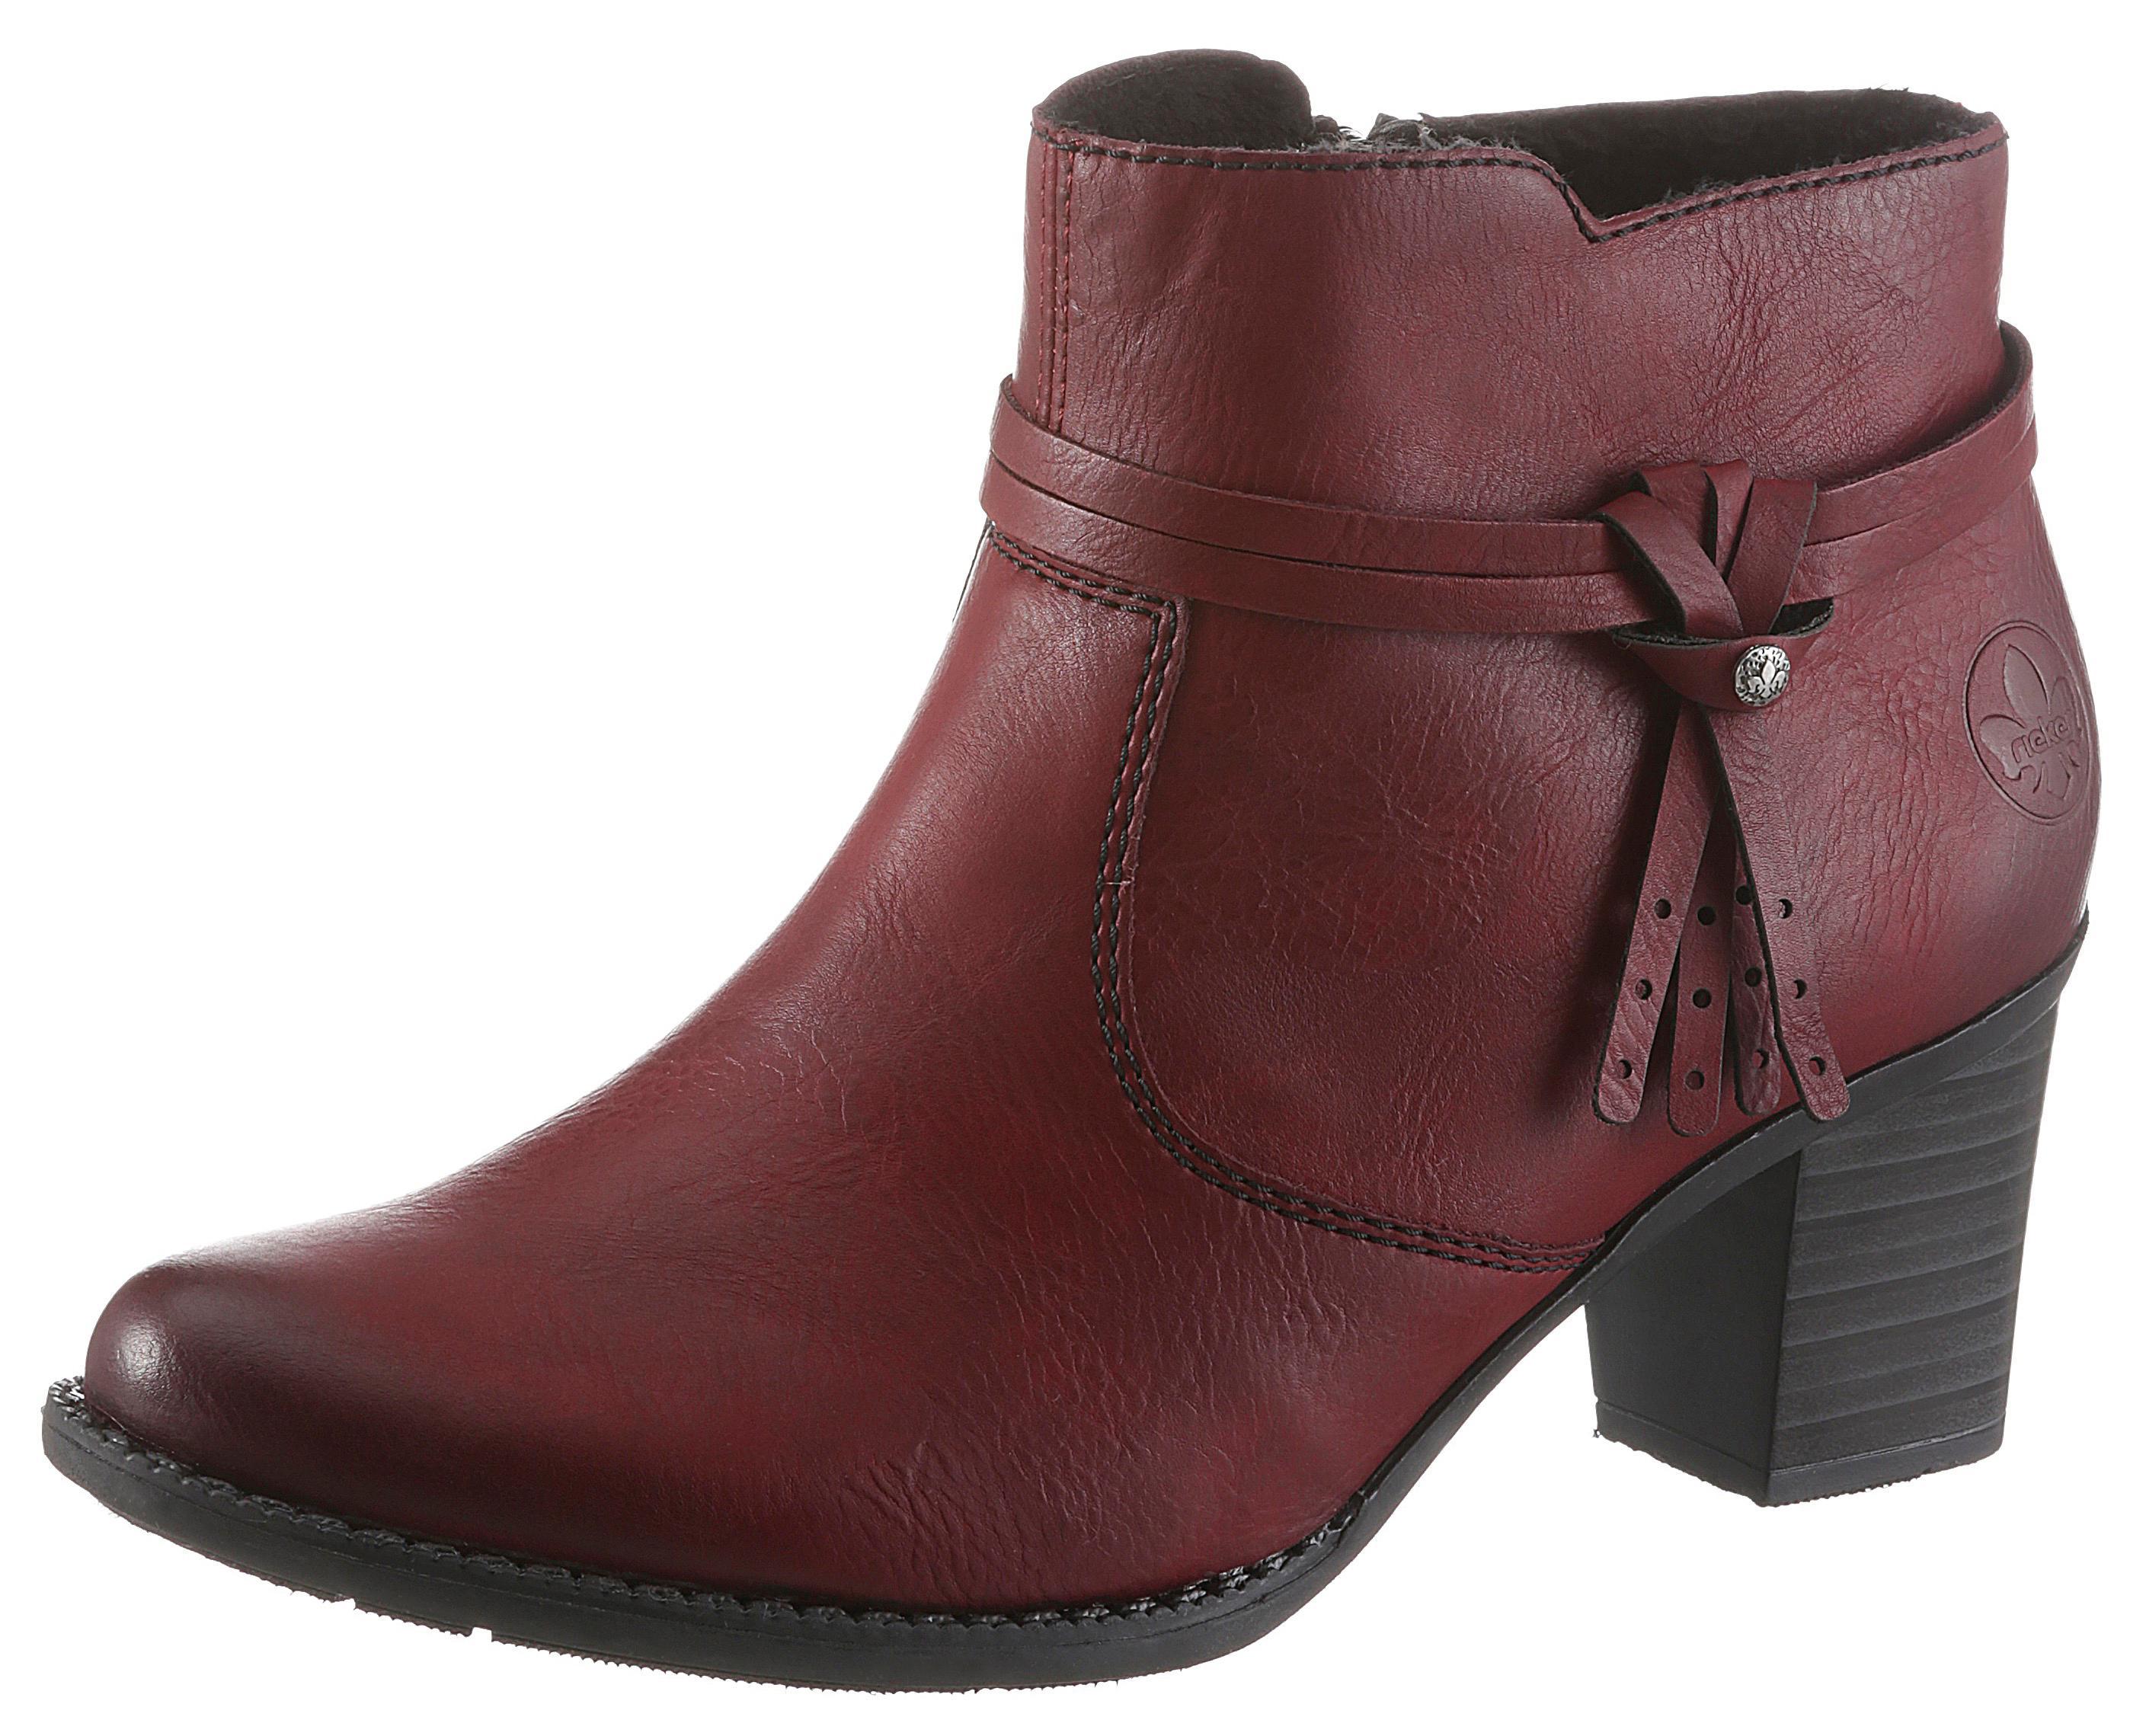 Rieker Ankleboots | Schuhe > Stiefeletten > Ankleboots | Rieker